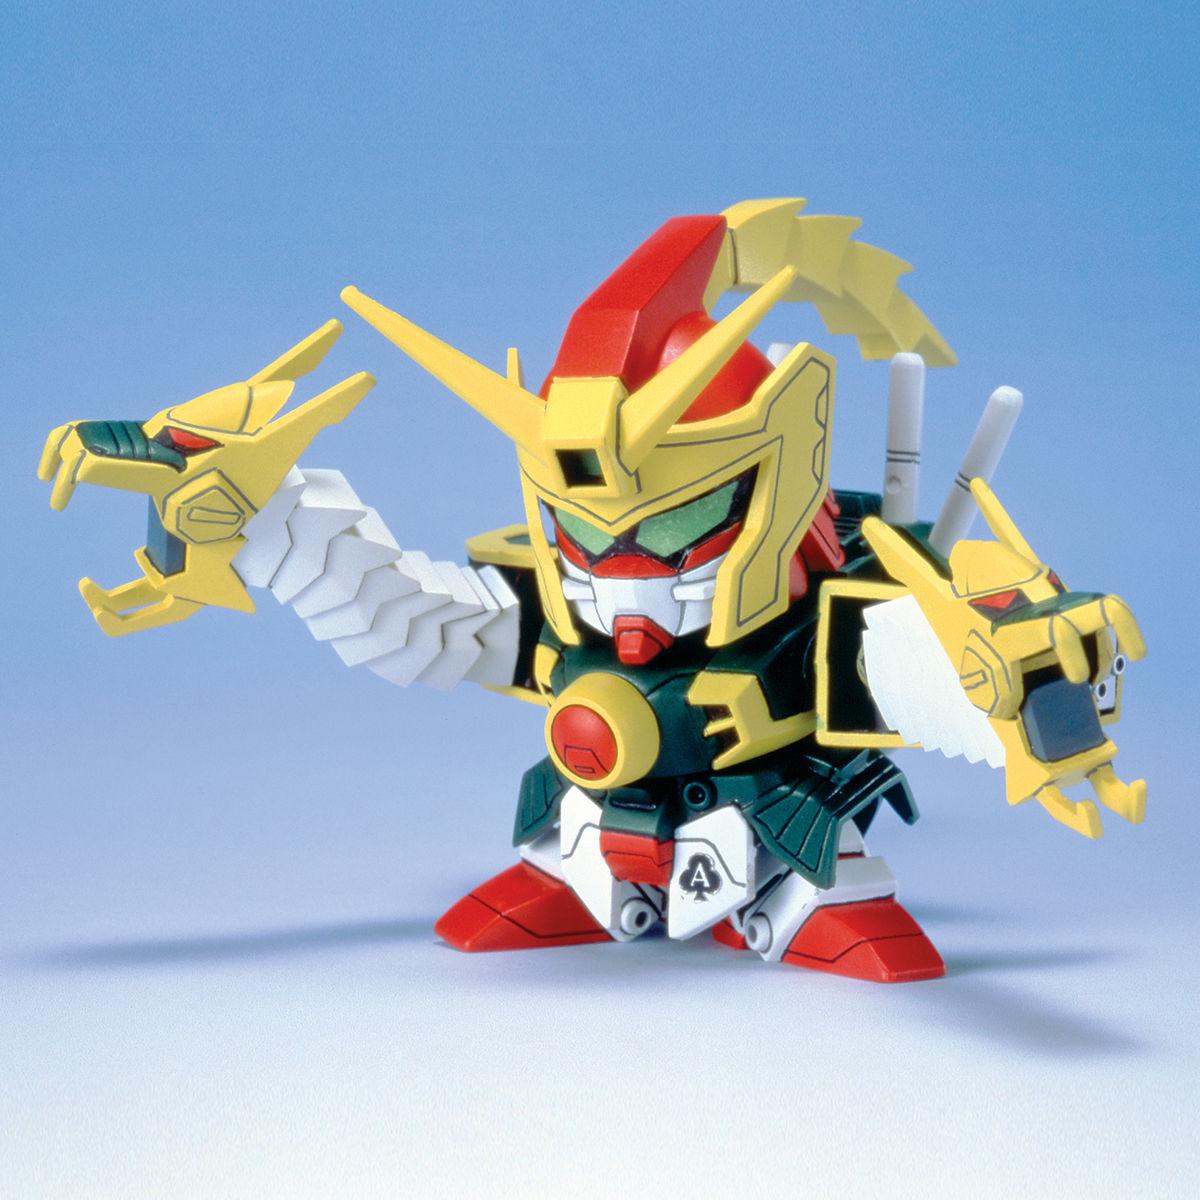 SDガンダム GジェネレーションZERO(GGENERATION-0) 026 GF13-011NC ドラゴンガンダム(ドラゴンクローモード) [Dragon Gundam (Dragon Claw Mode)] 0074432 5060793